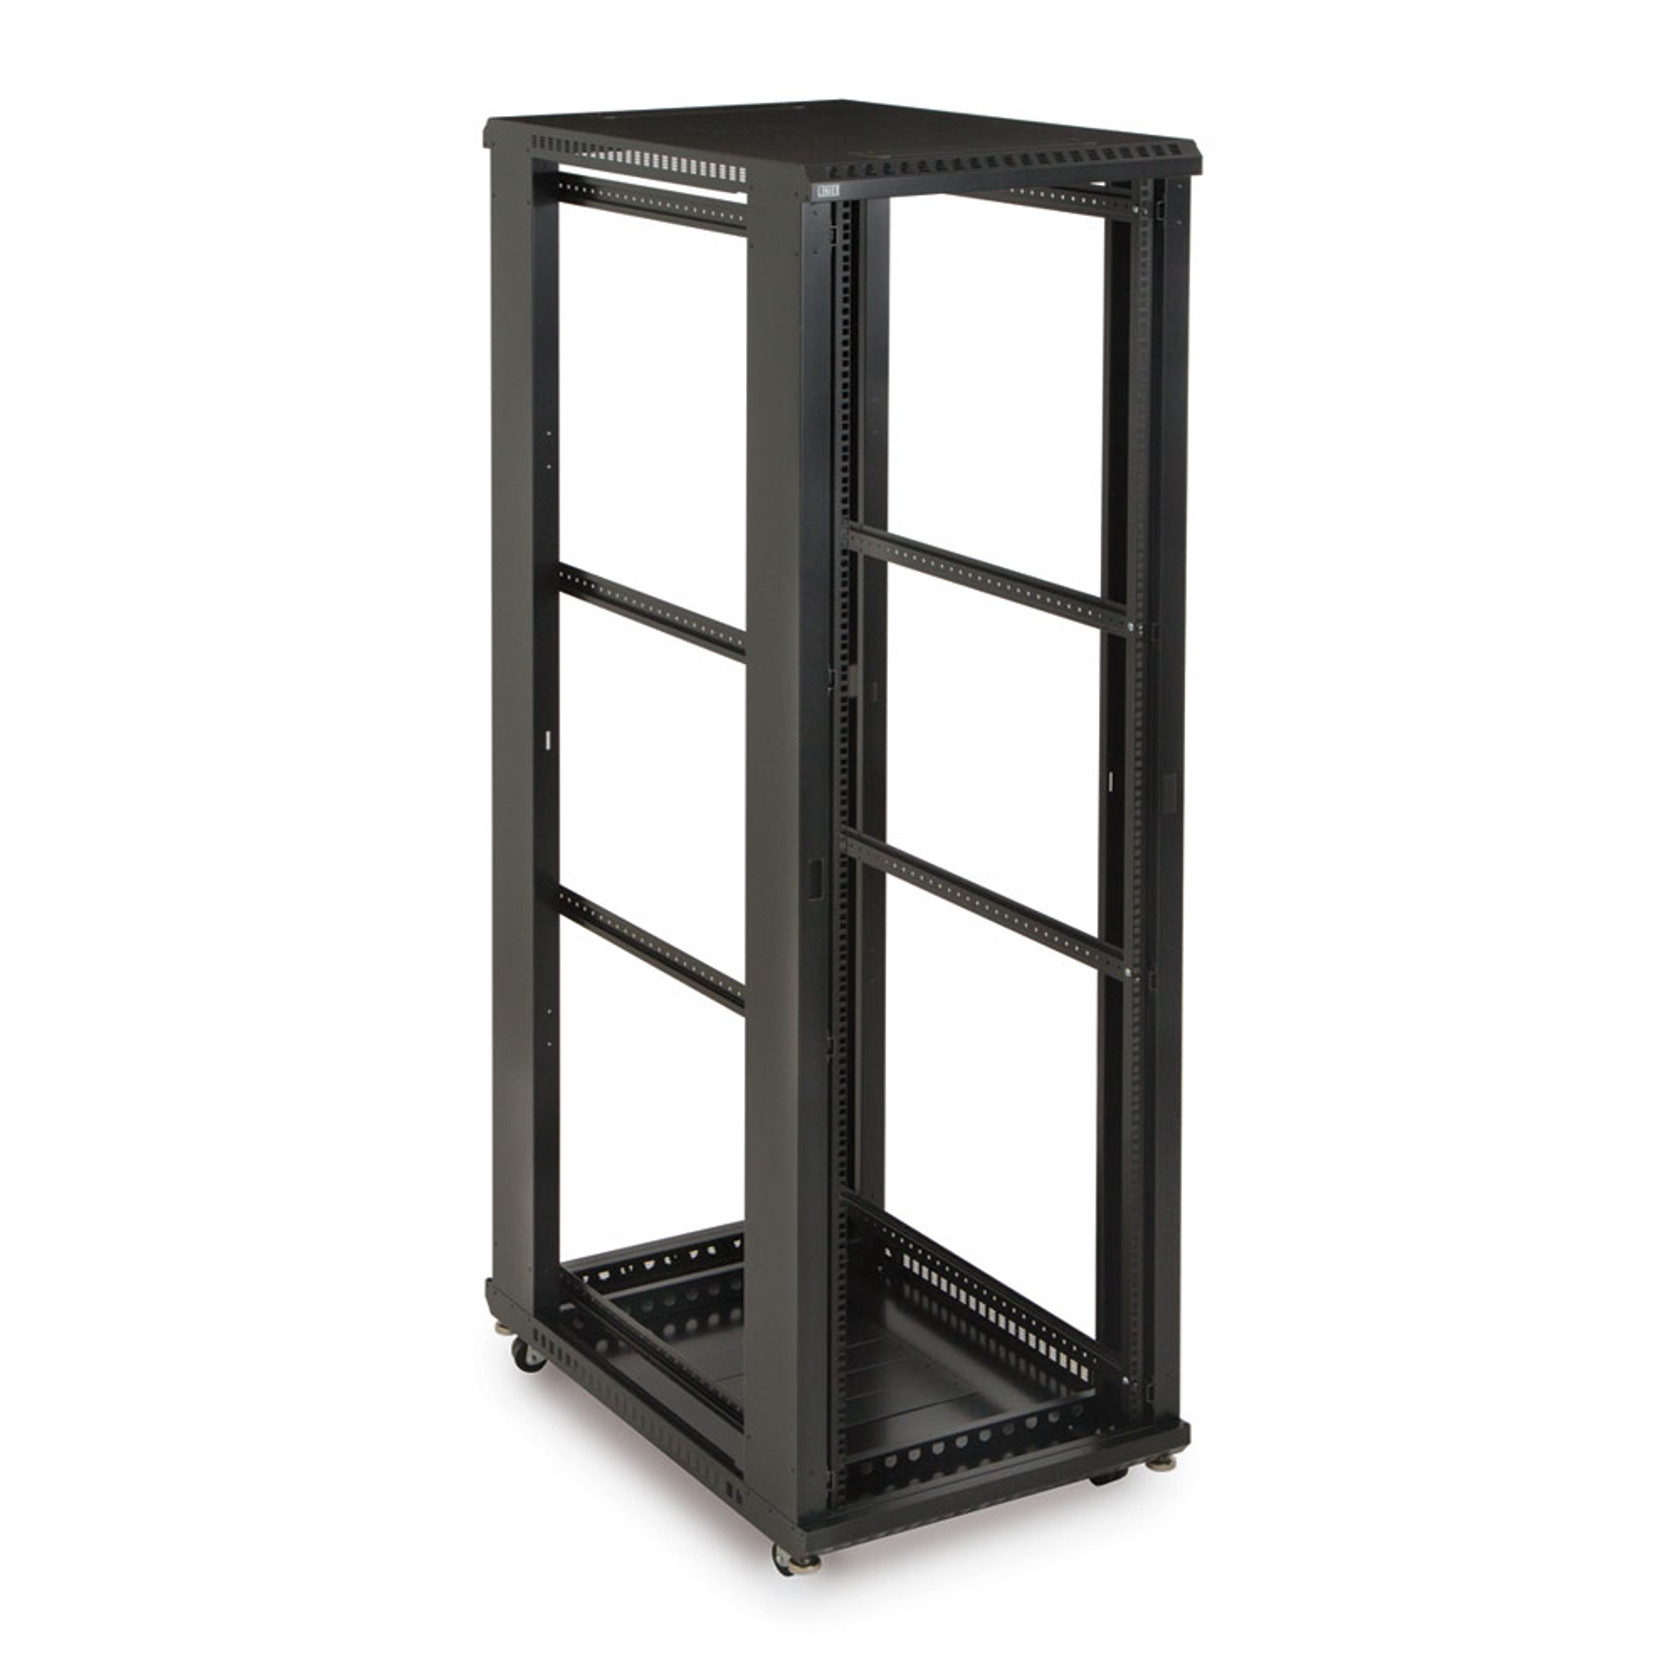 42u Linier Server Cabinet Open Frame No Doors 36 Depth 19 Rack